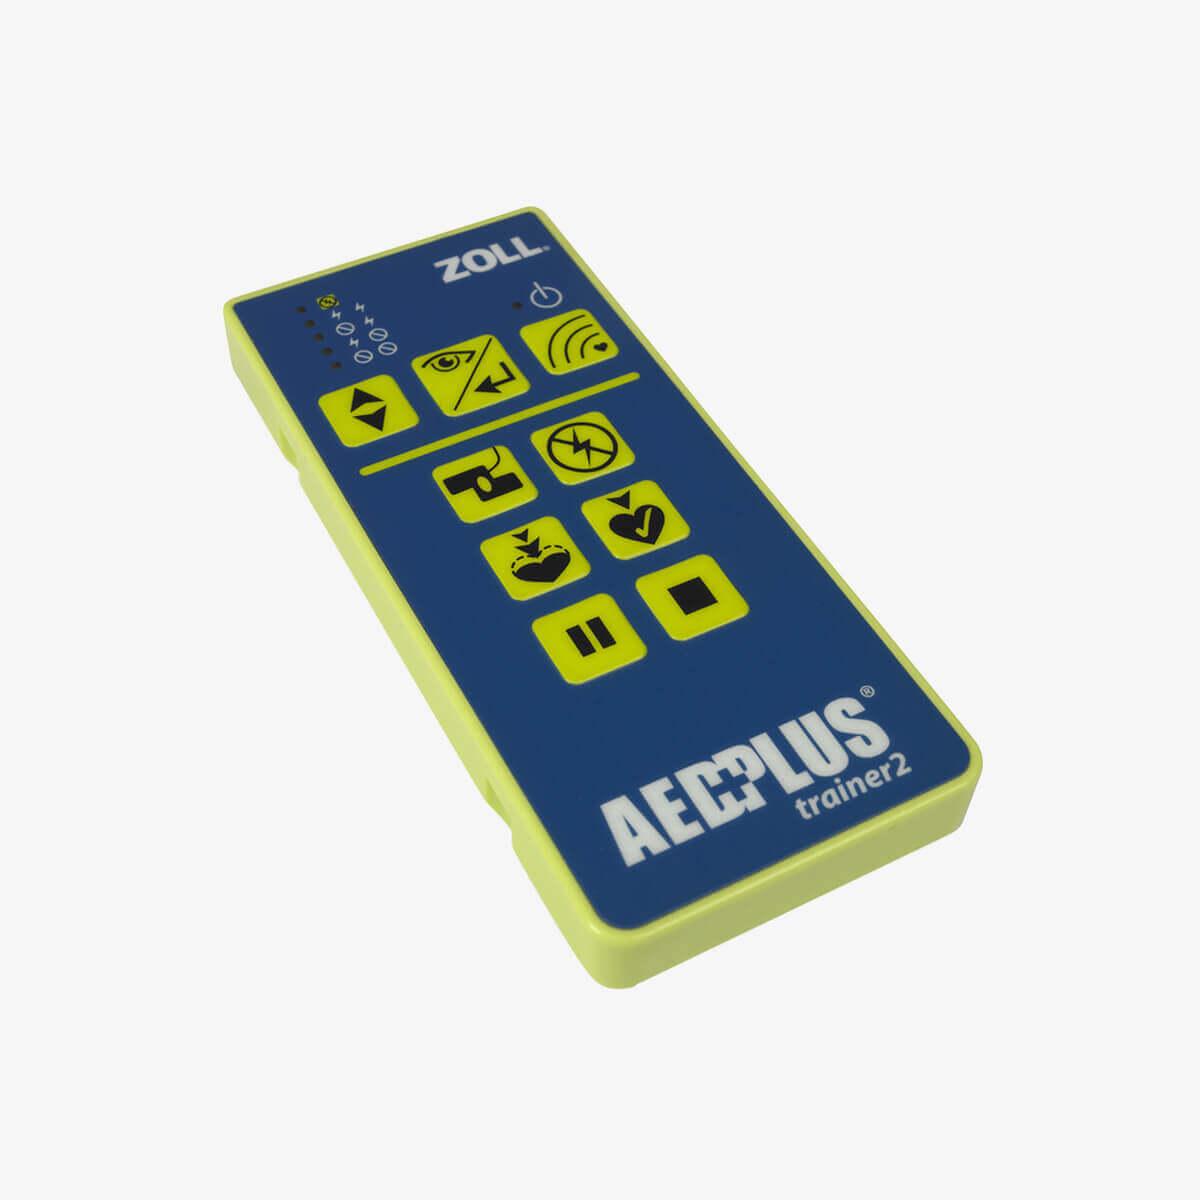 Fernbedienung für den ZOLL AED Plus Trainer2